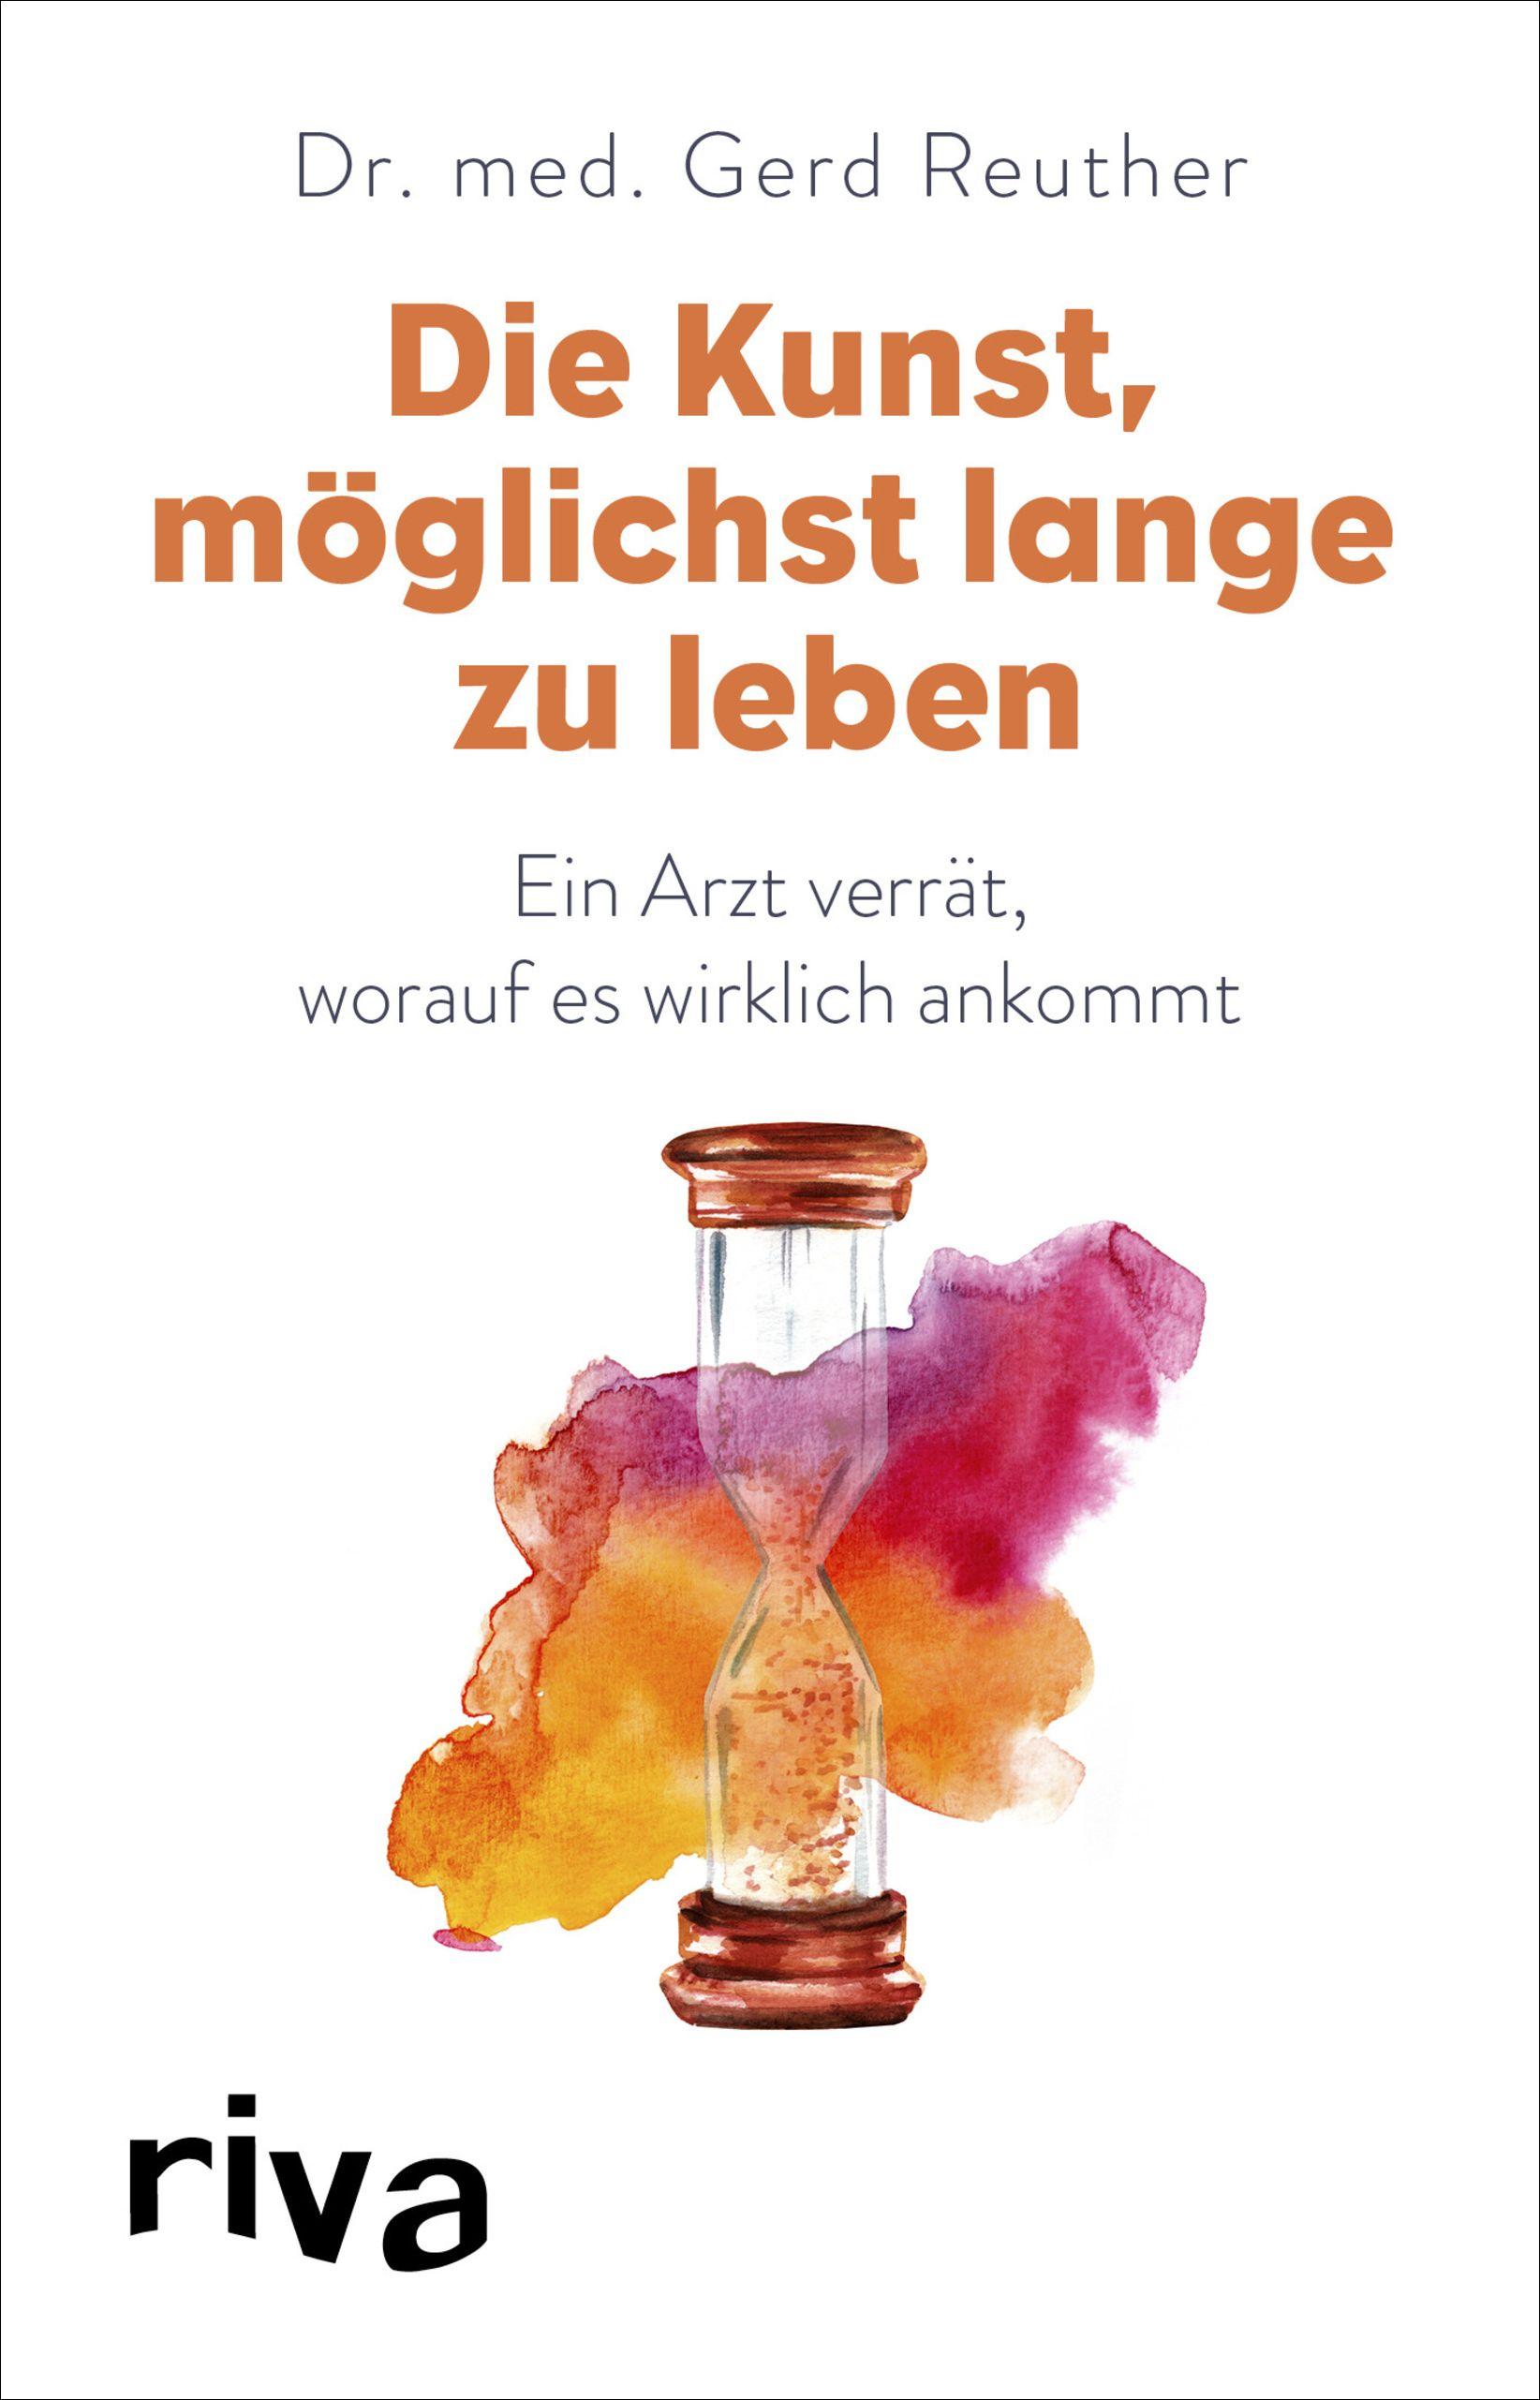 Die Kunst, möglichst lange zu leben von Reuther, Gerd: Die wissenscha